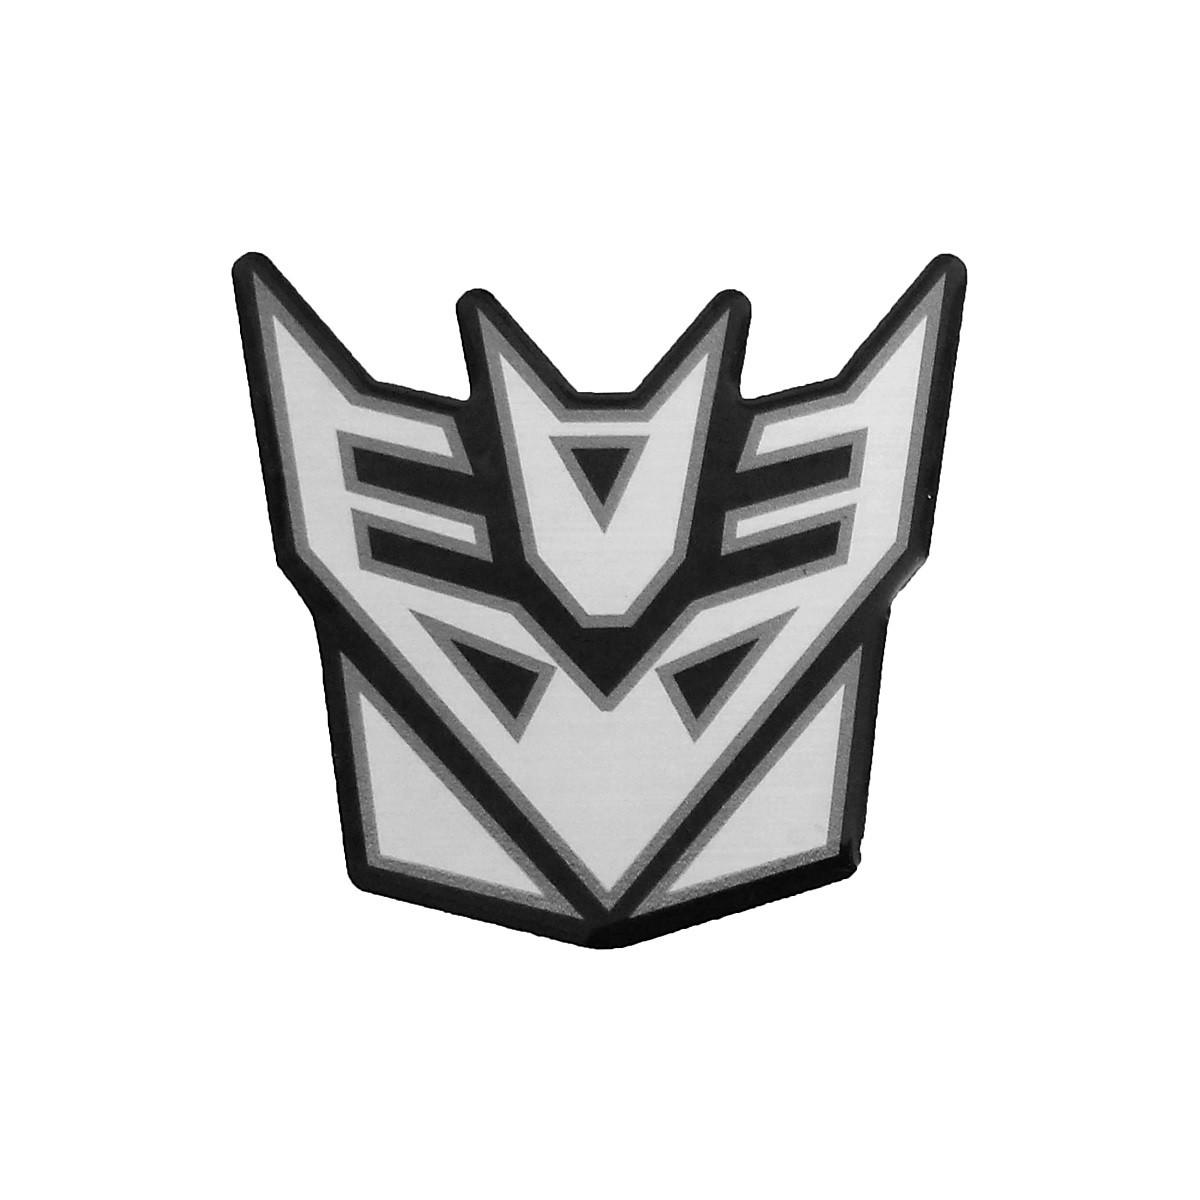 Adesivo Emblema Transformers Decepticons Resinado Aço Escovado